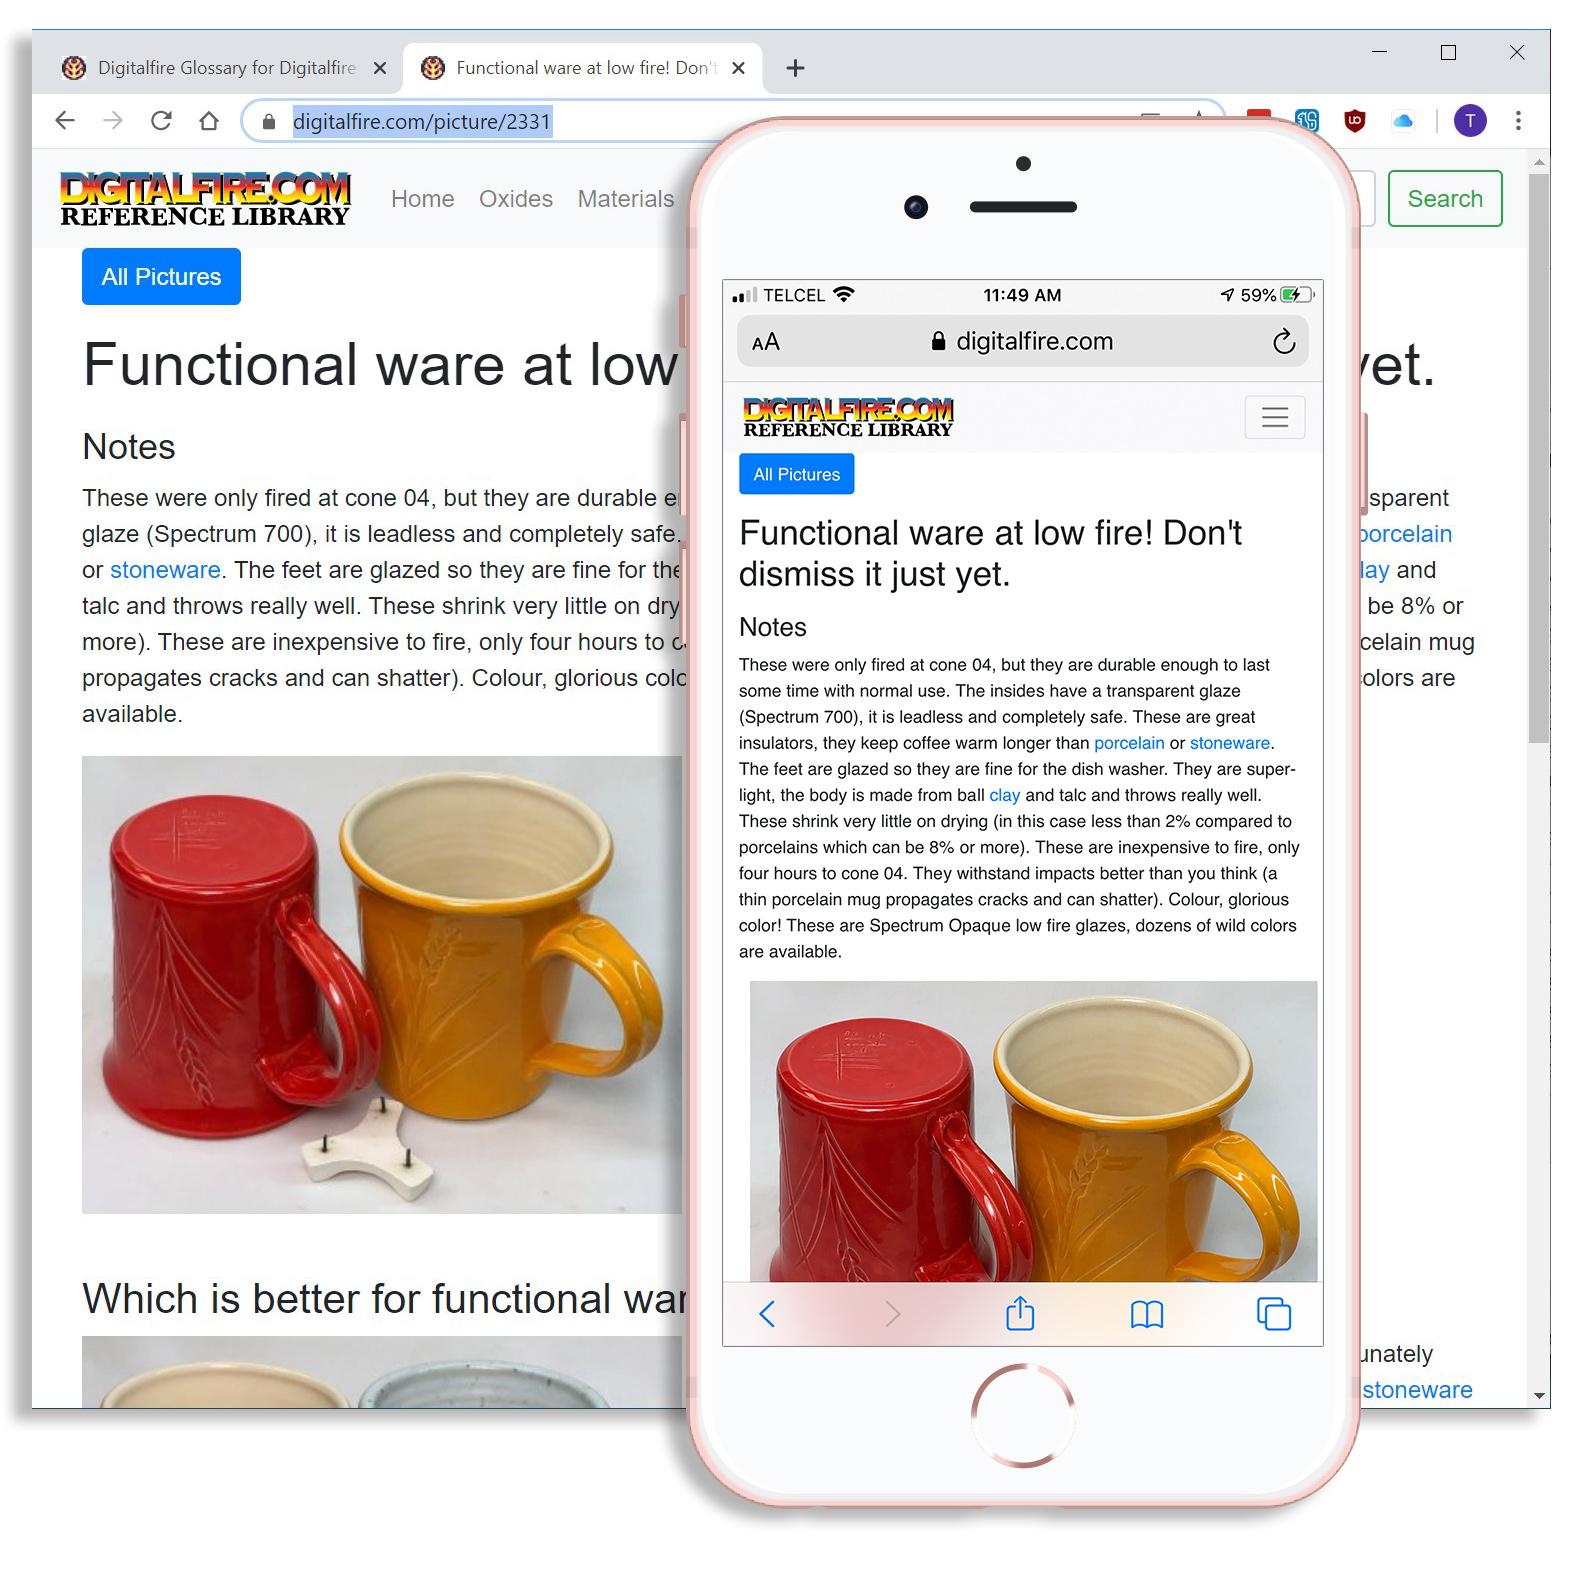 The Digitalfire Reference Library by Tony Hansen